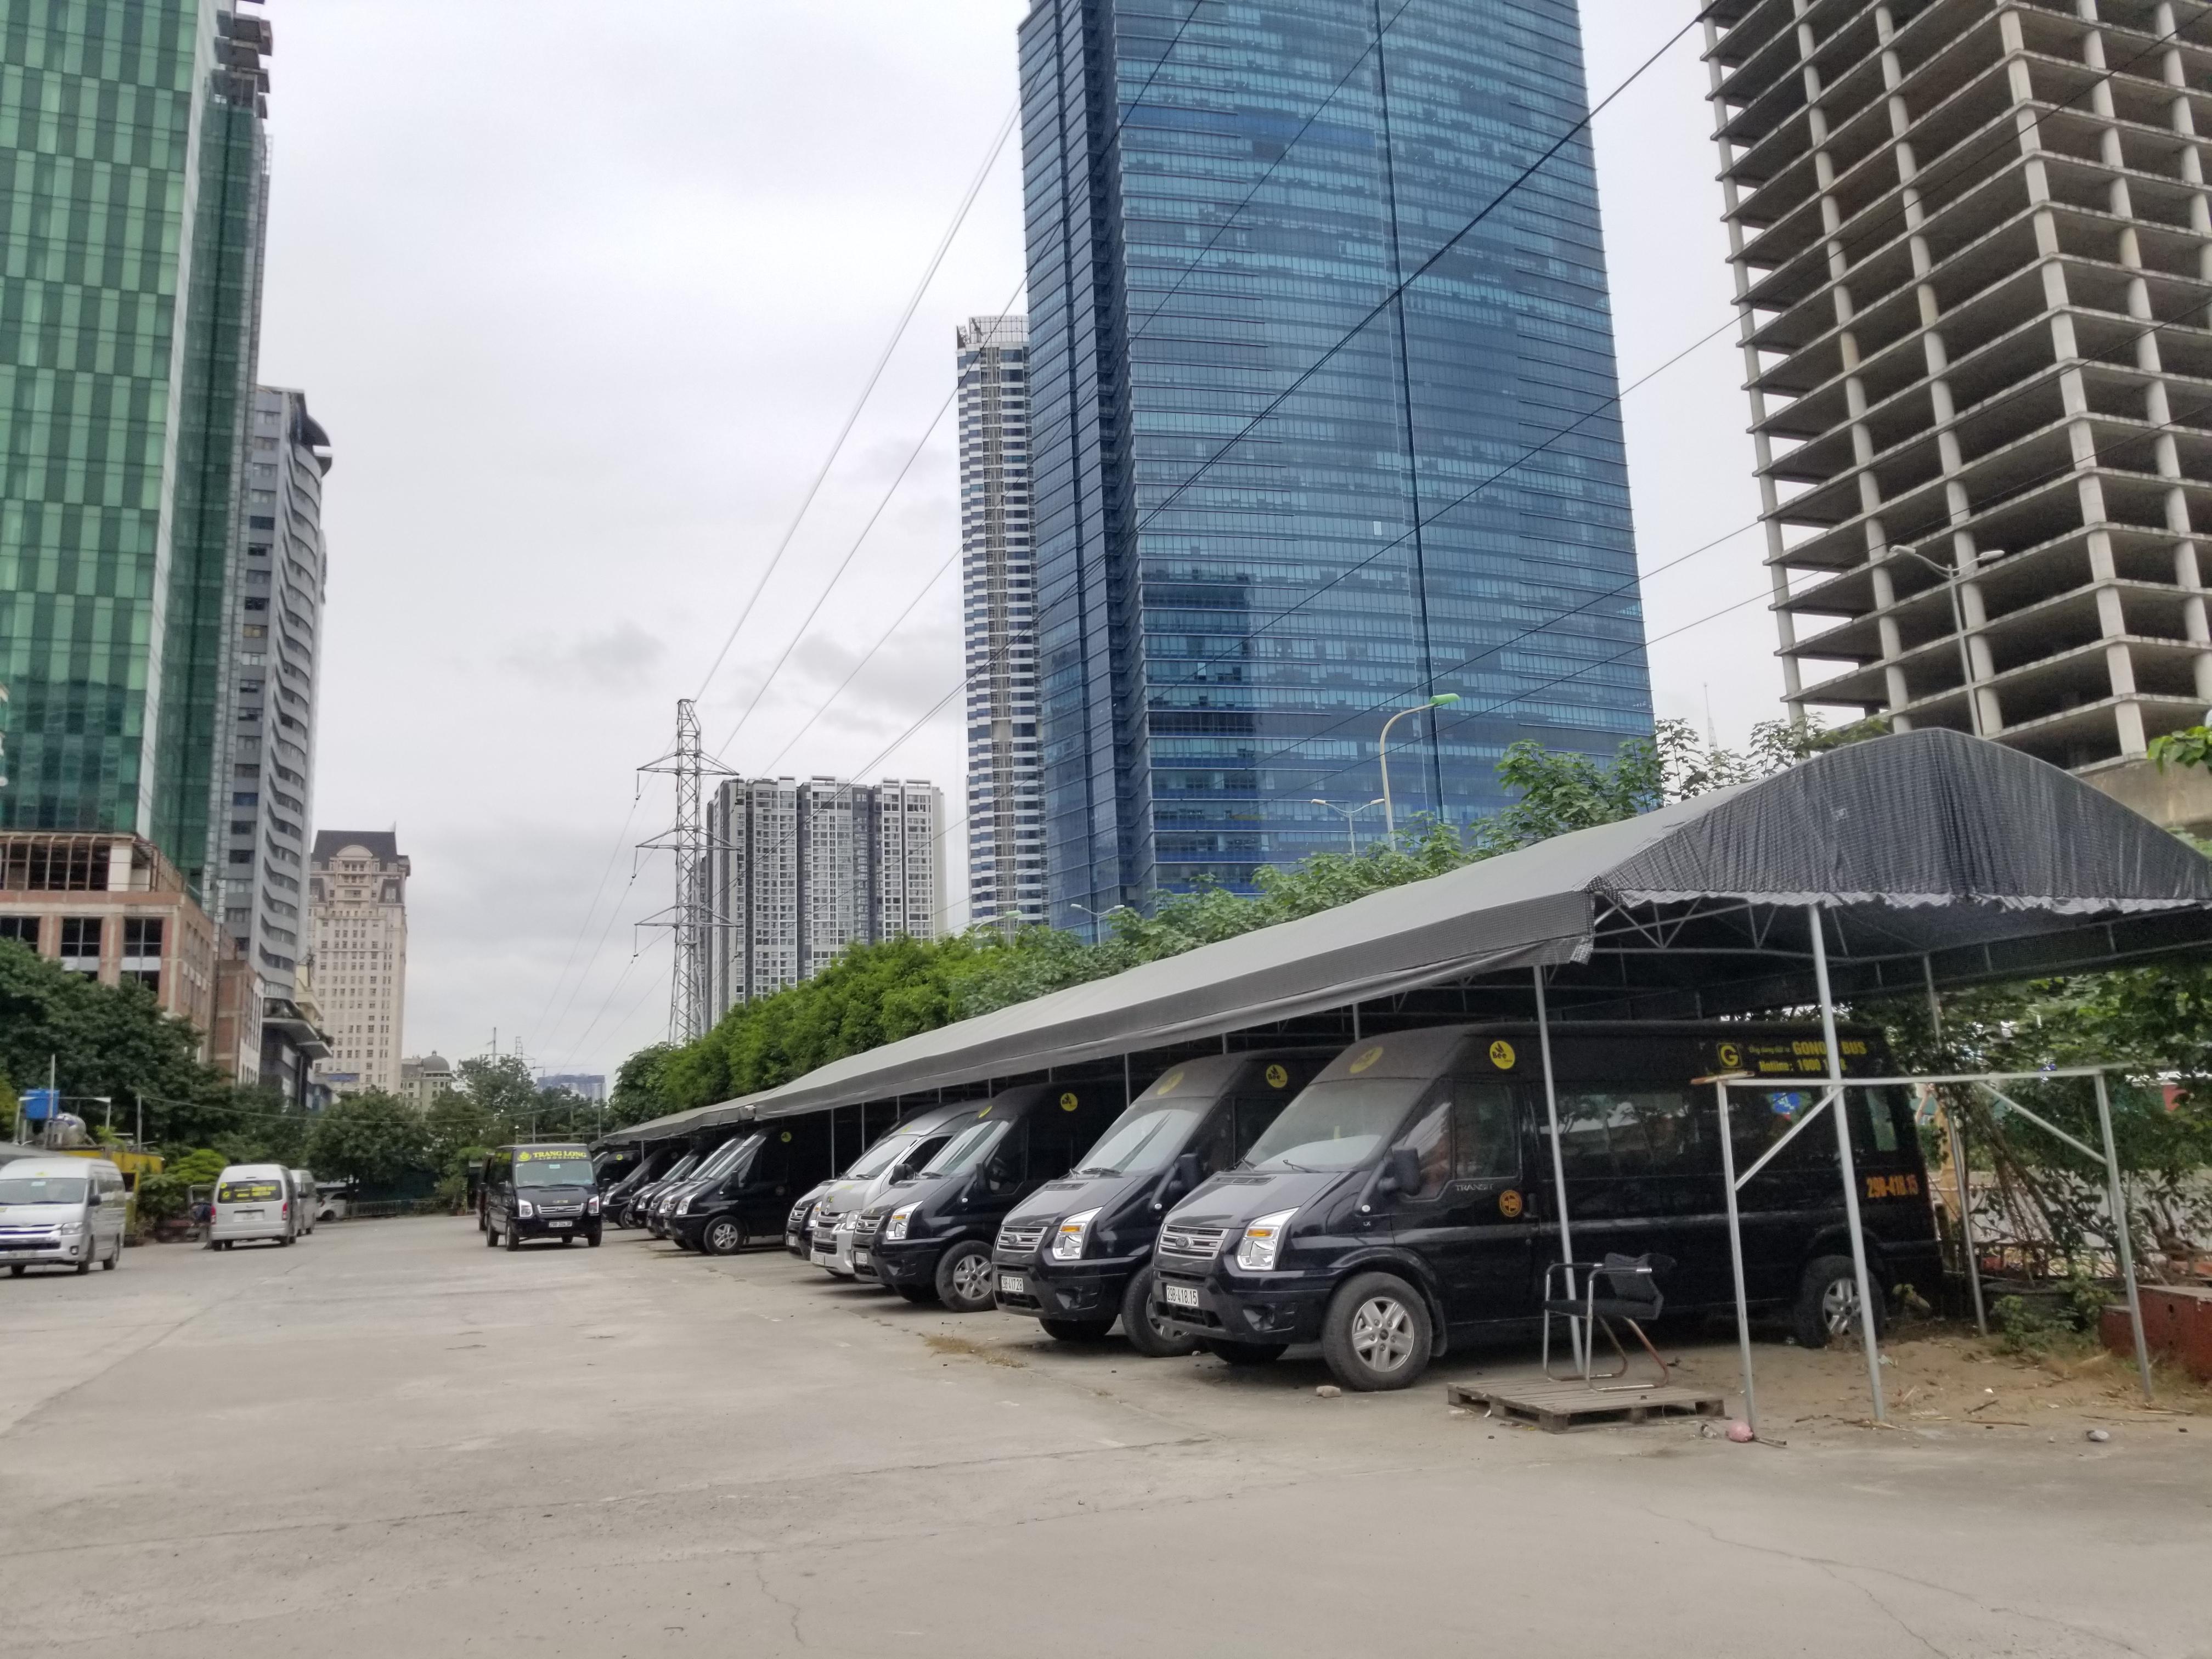 Bãi đỗ xe xây dựng trái phép trên mặt bằng dải cây xanh cách ly KĐT Mễ Trì Hạ vẫn ngang nhiên tồn tại.